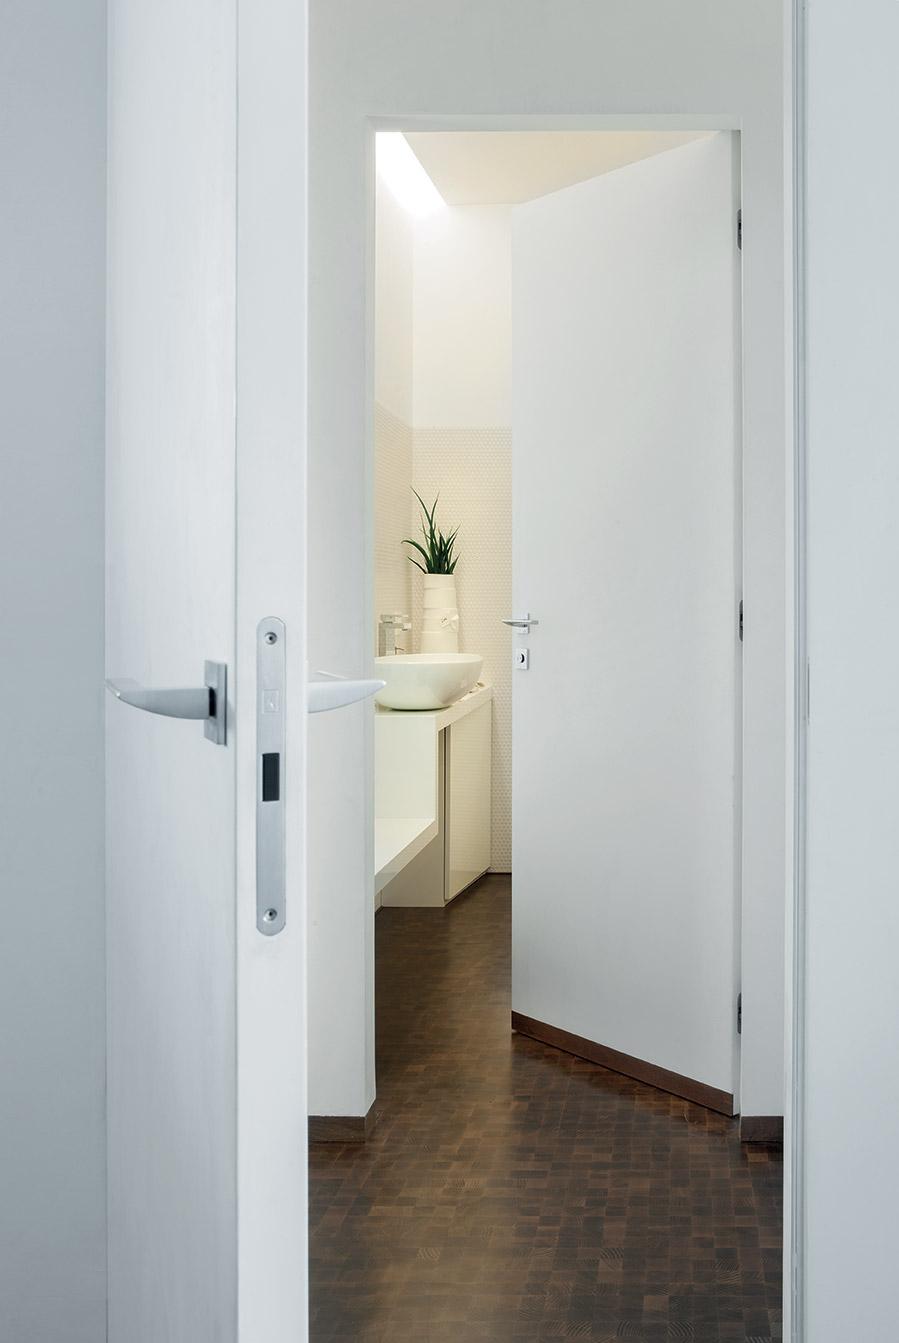 Porte filo muro per un impatto elegante pulito e lineare